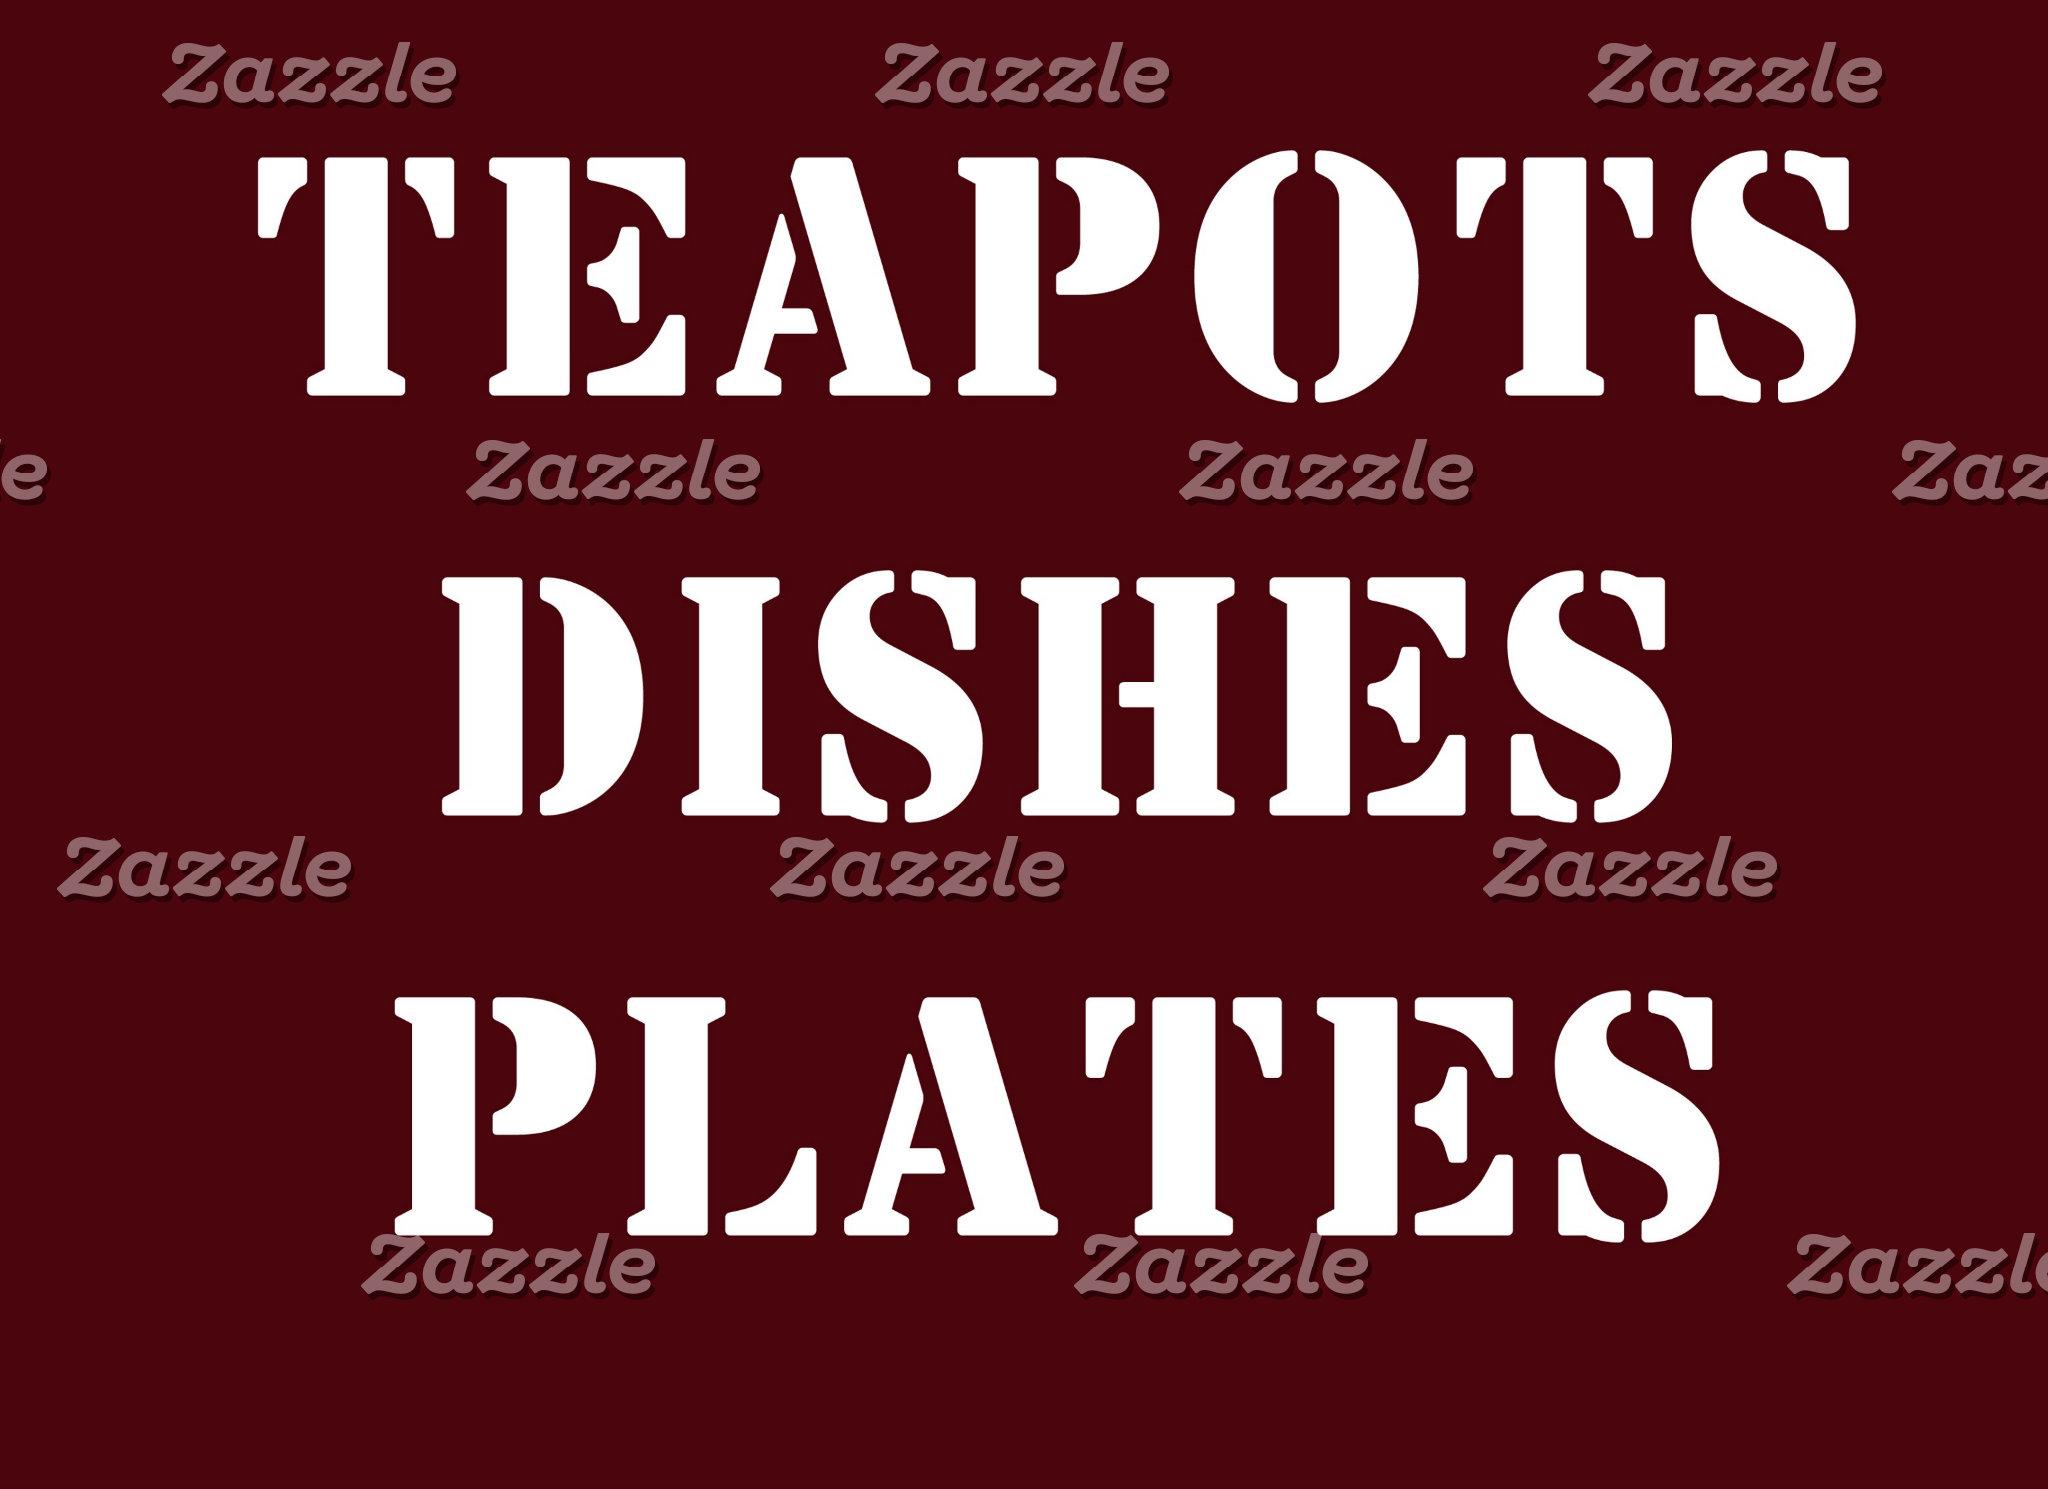 Dishes, plates, teapots, etc.